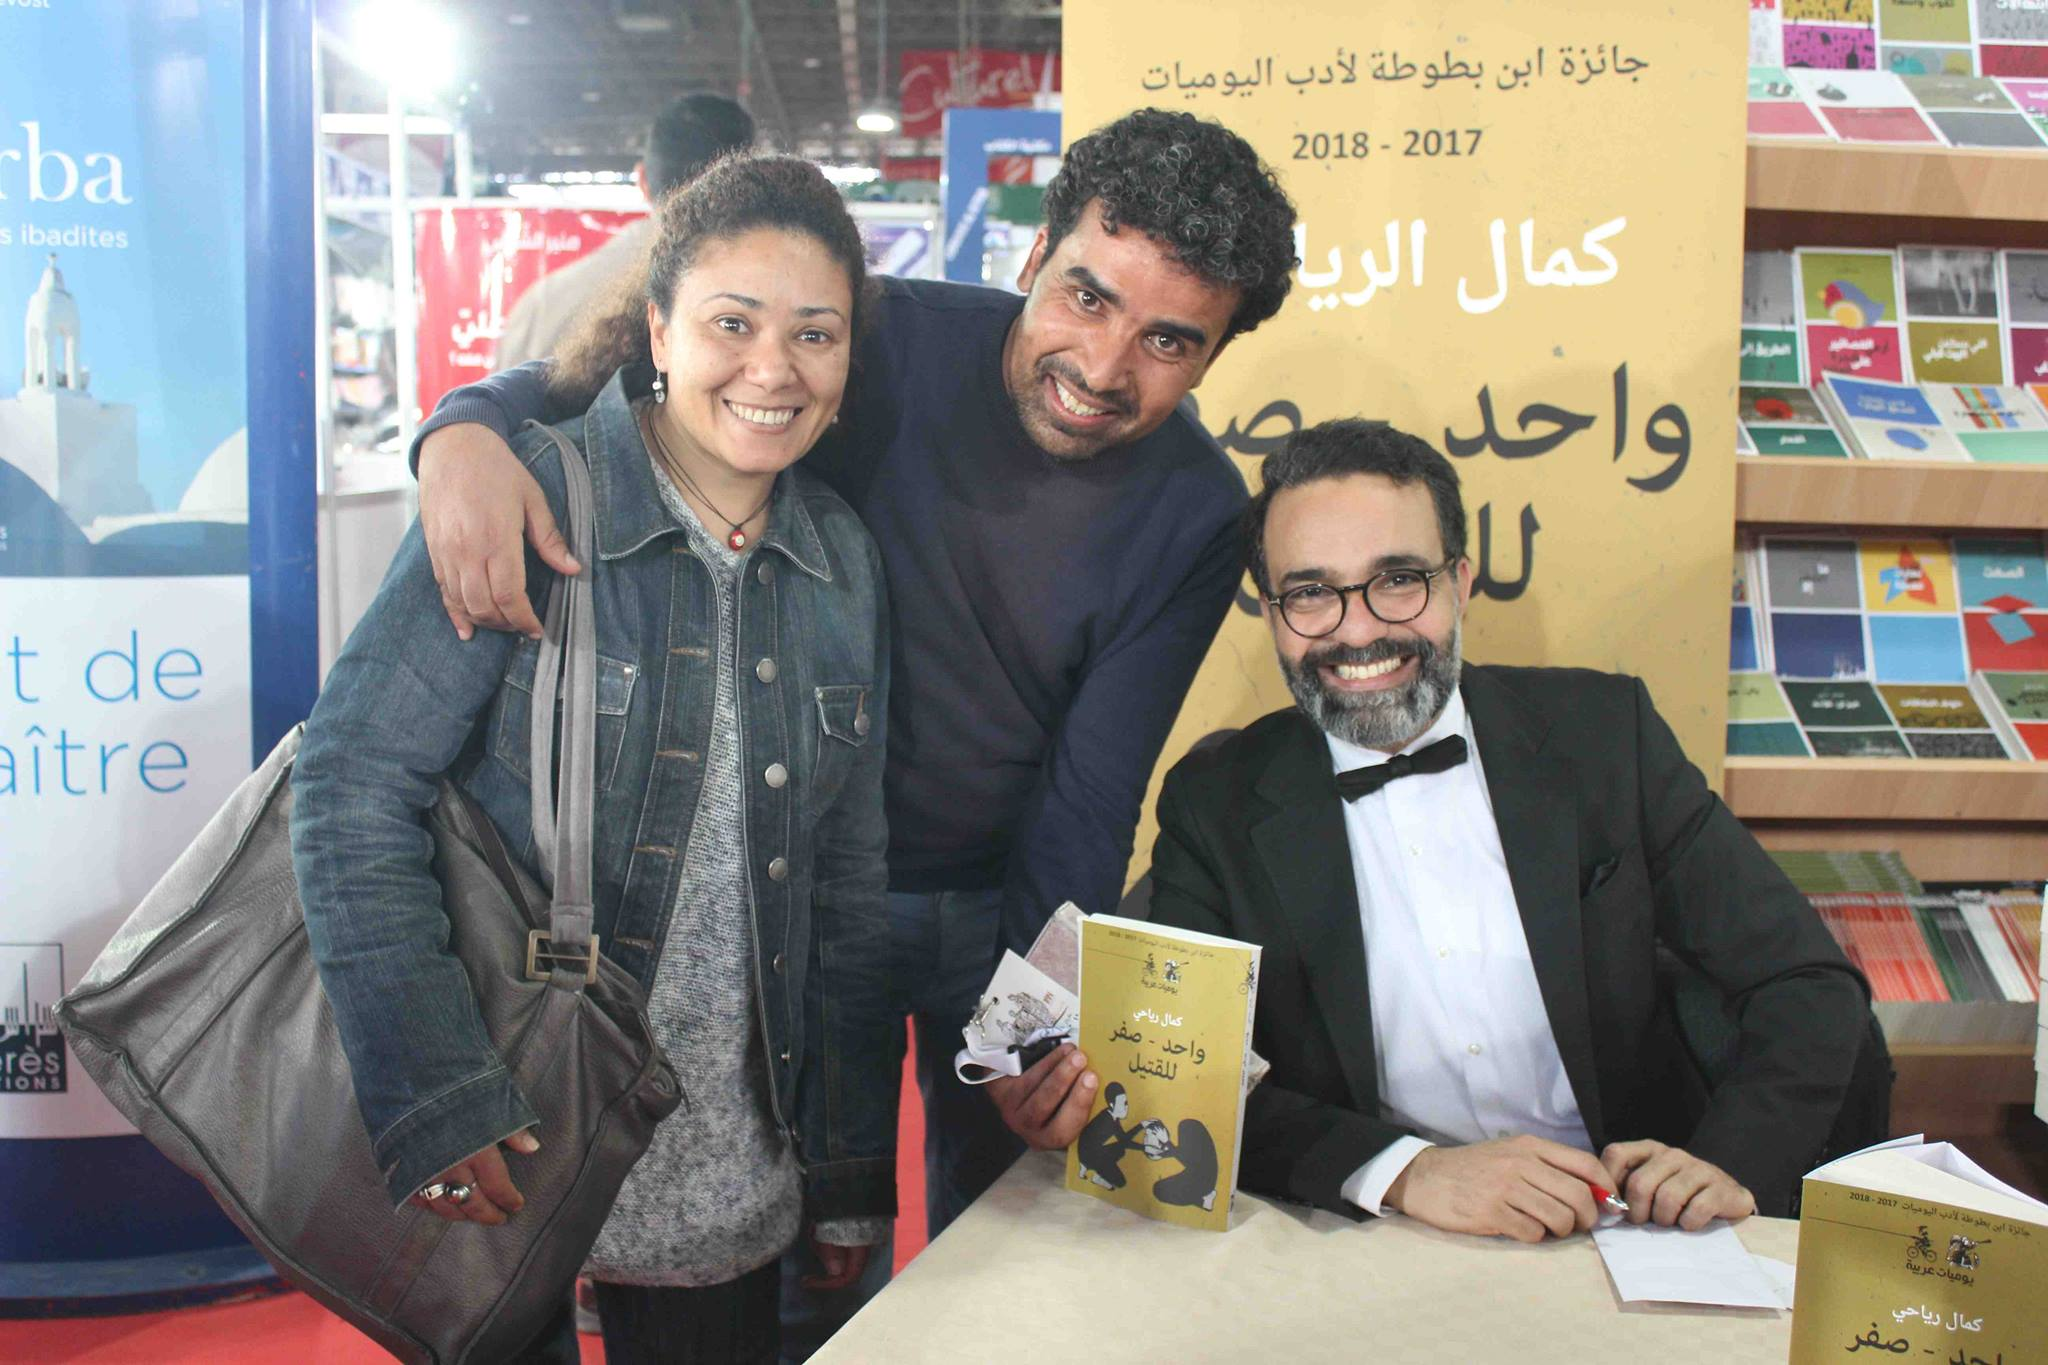 كمال الرياحى يوقع كتابه واحد صفر للقتيل الفائز بجائزة ابن بطوطة فى معرض تونس (23)